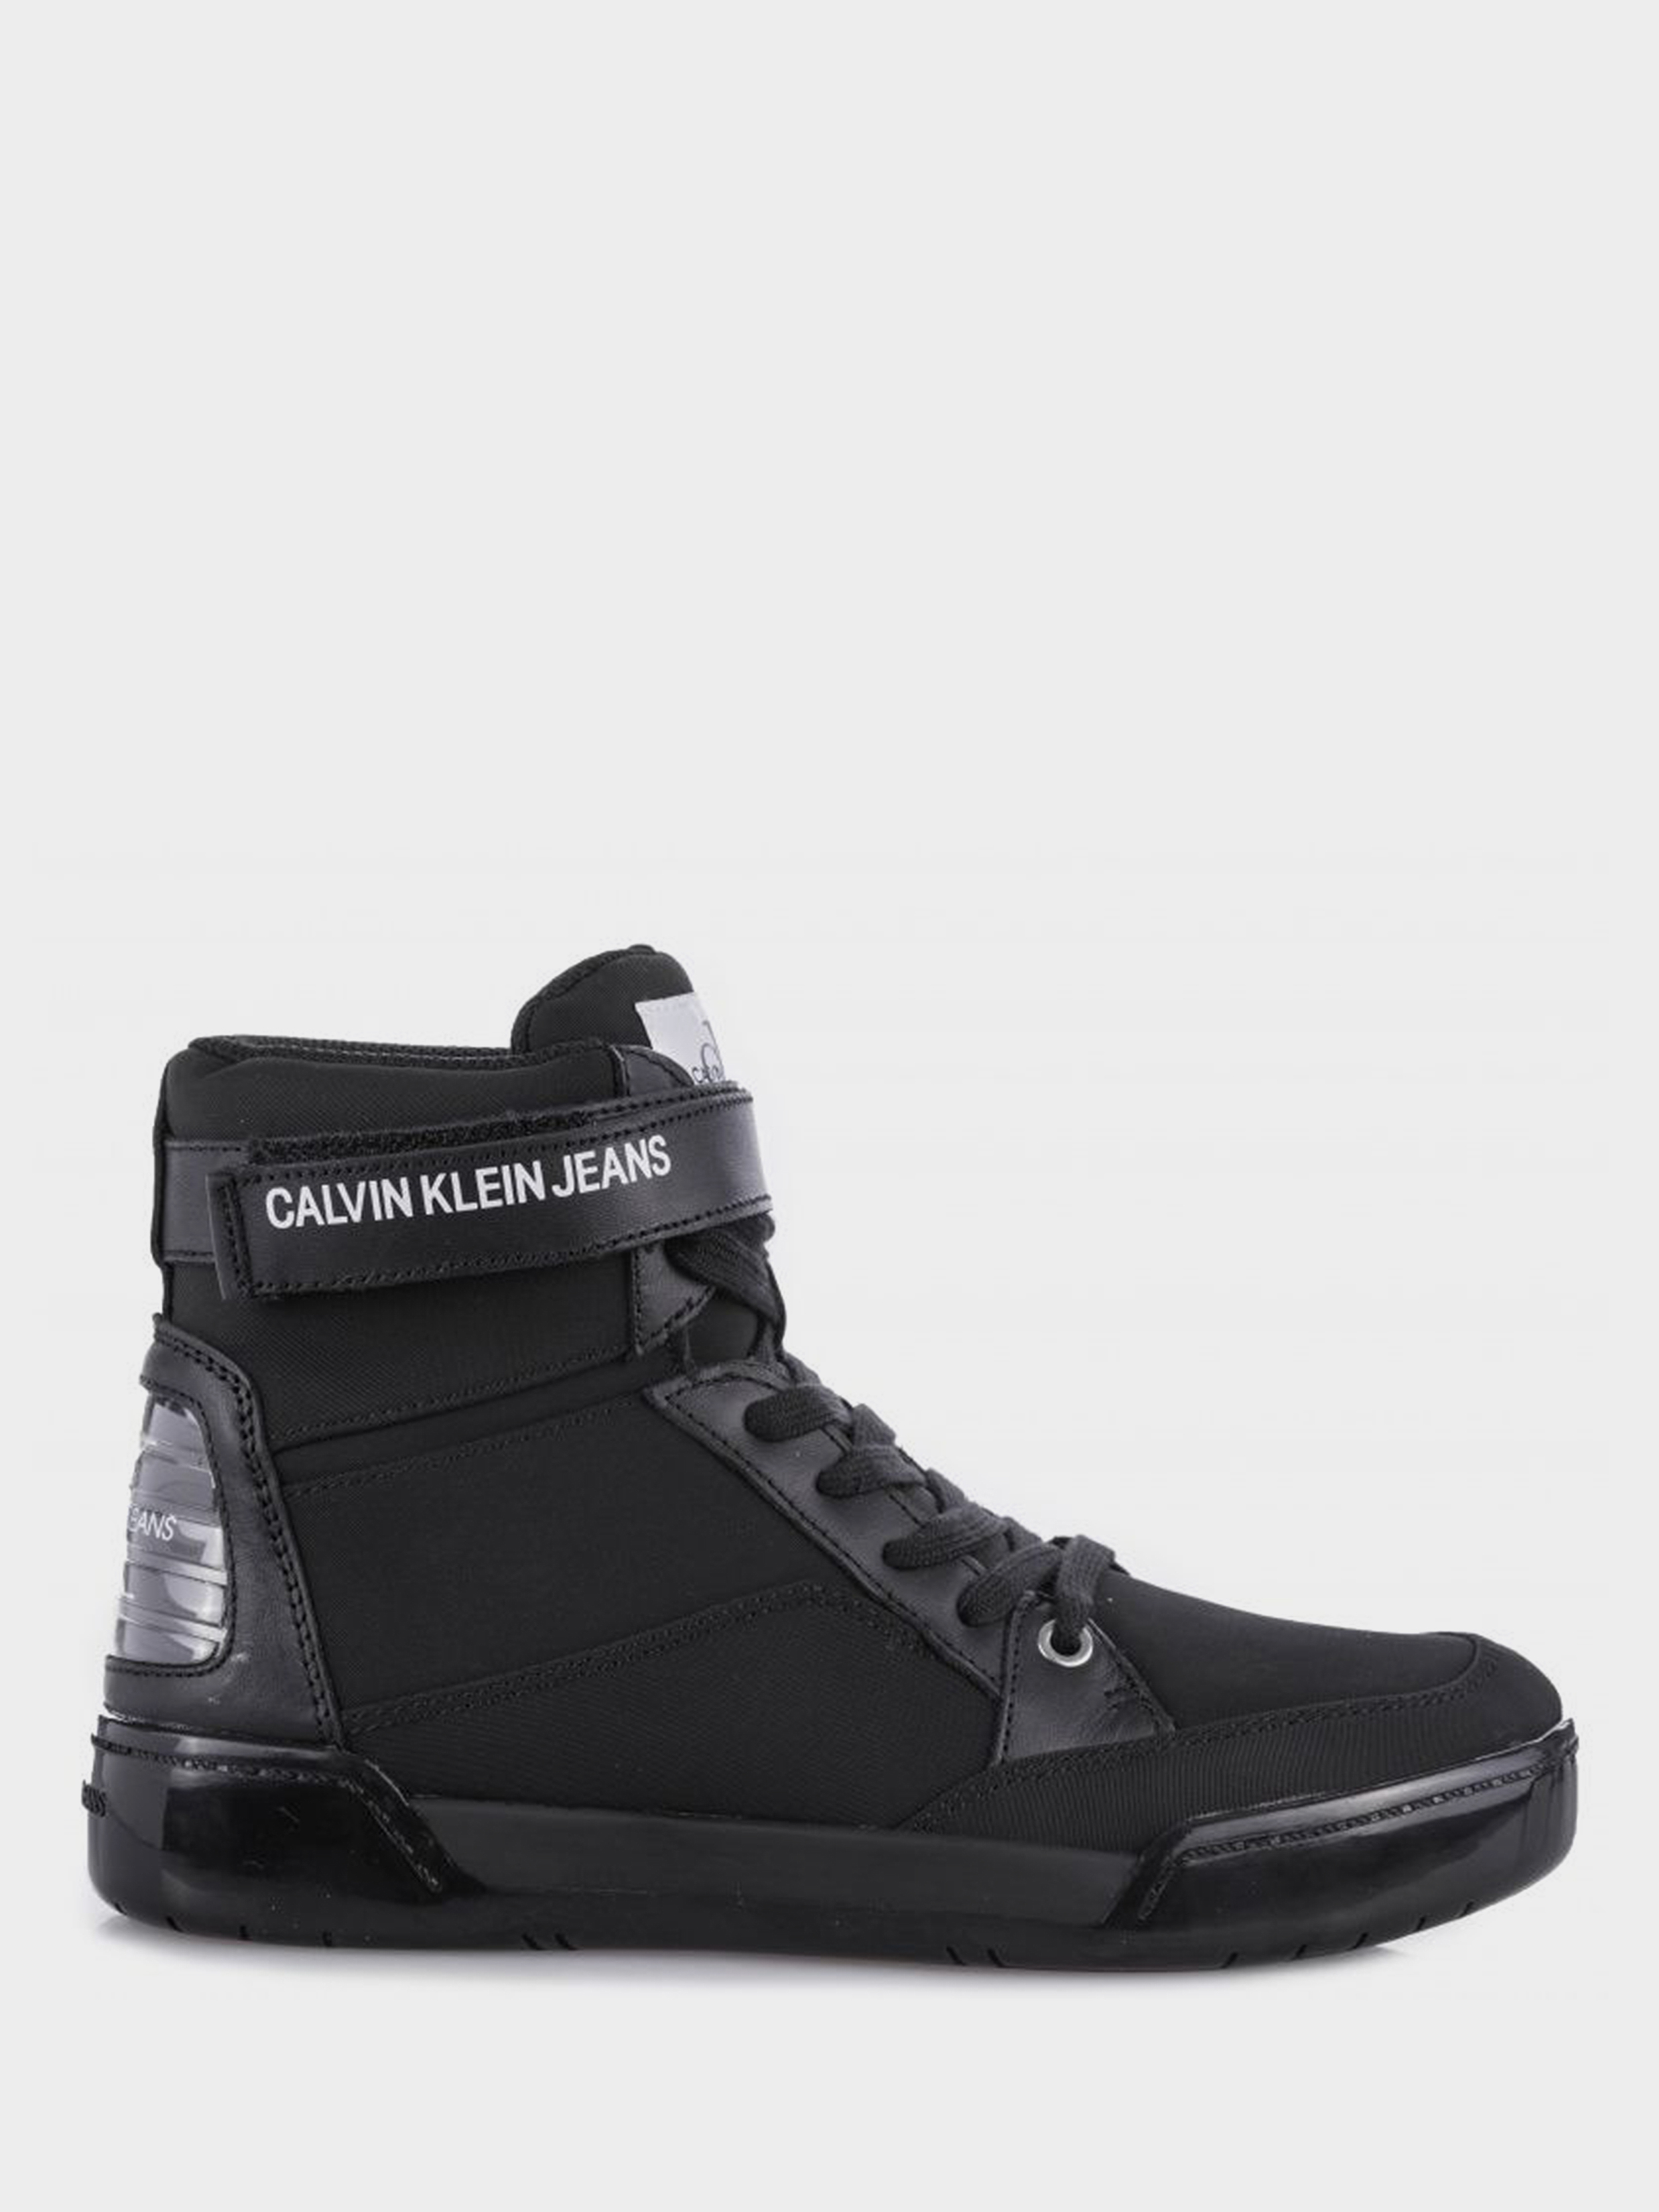 Купить Ботинки женские Calvin Klein Jeans 3Y70, Черный